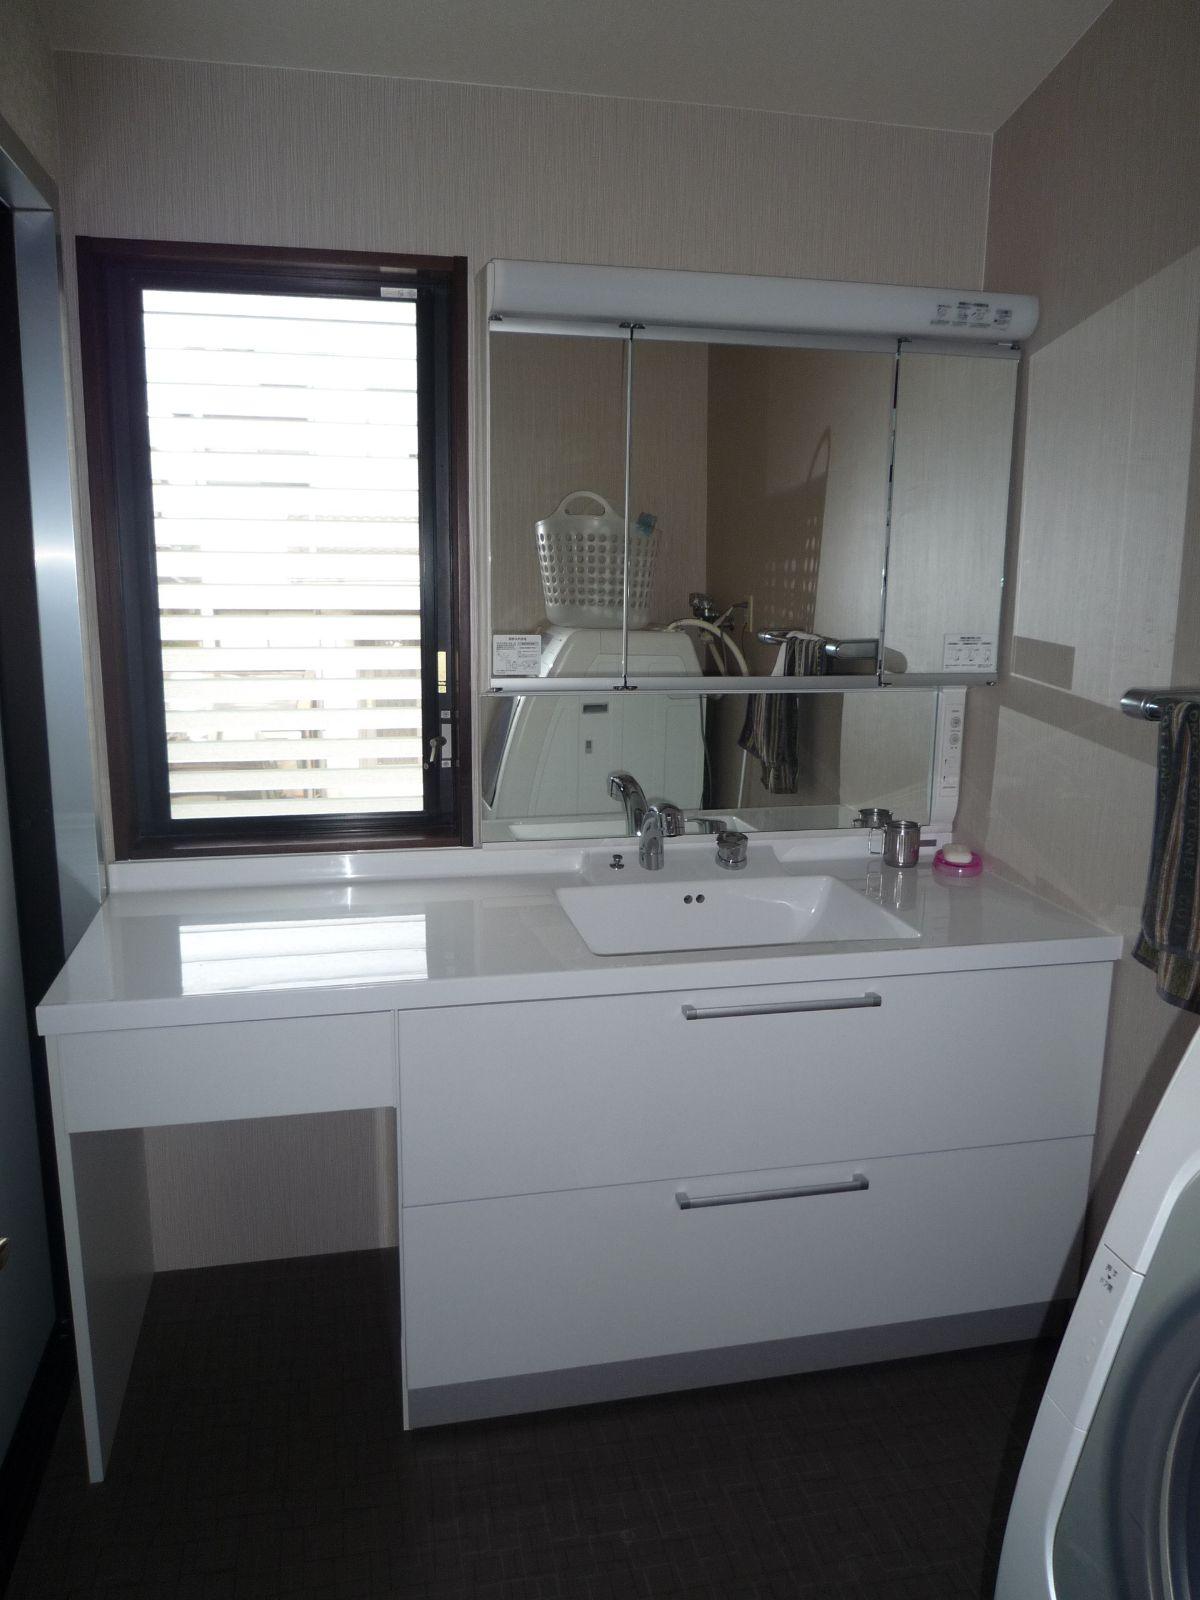 totoシステムjでかっこいい洗面化粧台に(2014年1月12日)|リフォームの